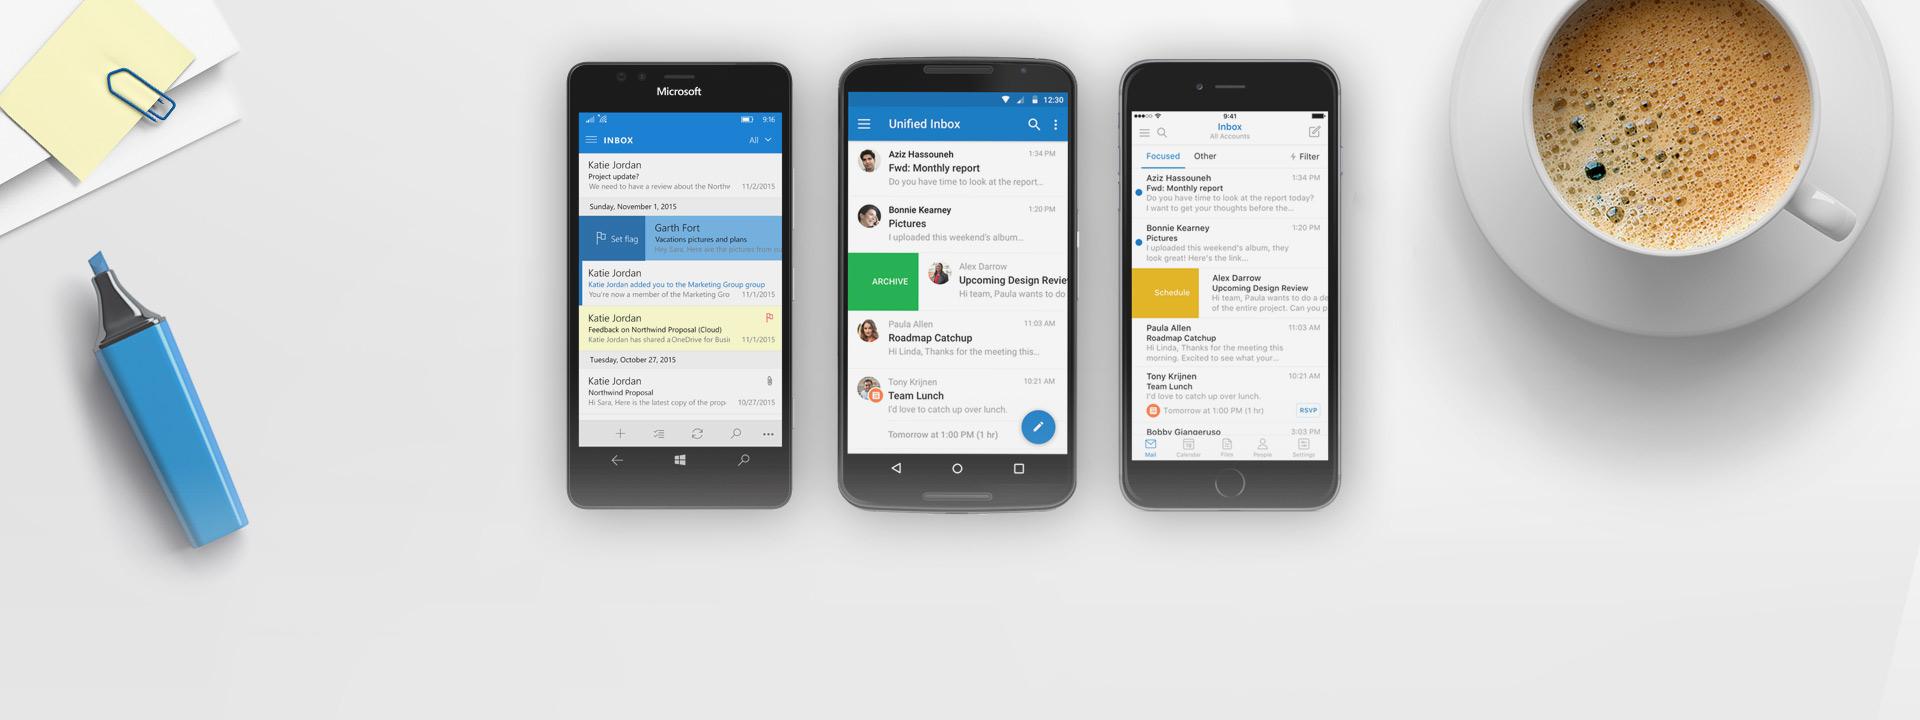 Điện thoại Windows Phone, iPhone và Android với ứng dụng Outlook trên màn hình